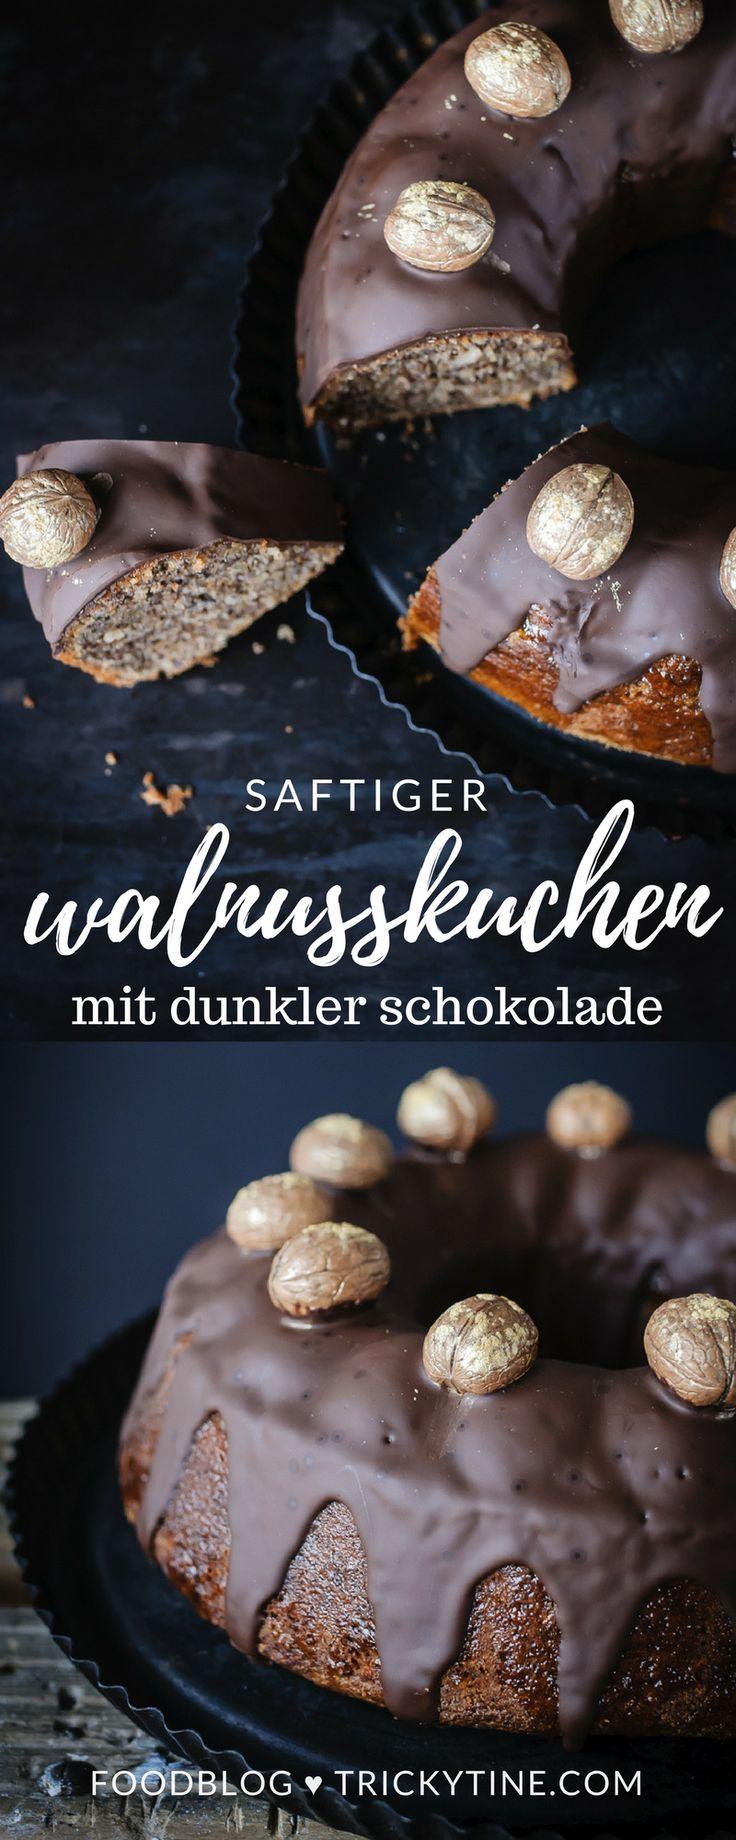 saftiger walnusskuchen mit aprikosenglasur und dunkler schokolade ♥ trickytine.com #cake #walnuts #chocolate #baking #trickytine #food #blog